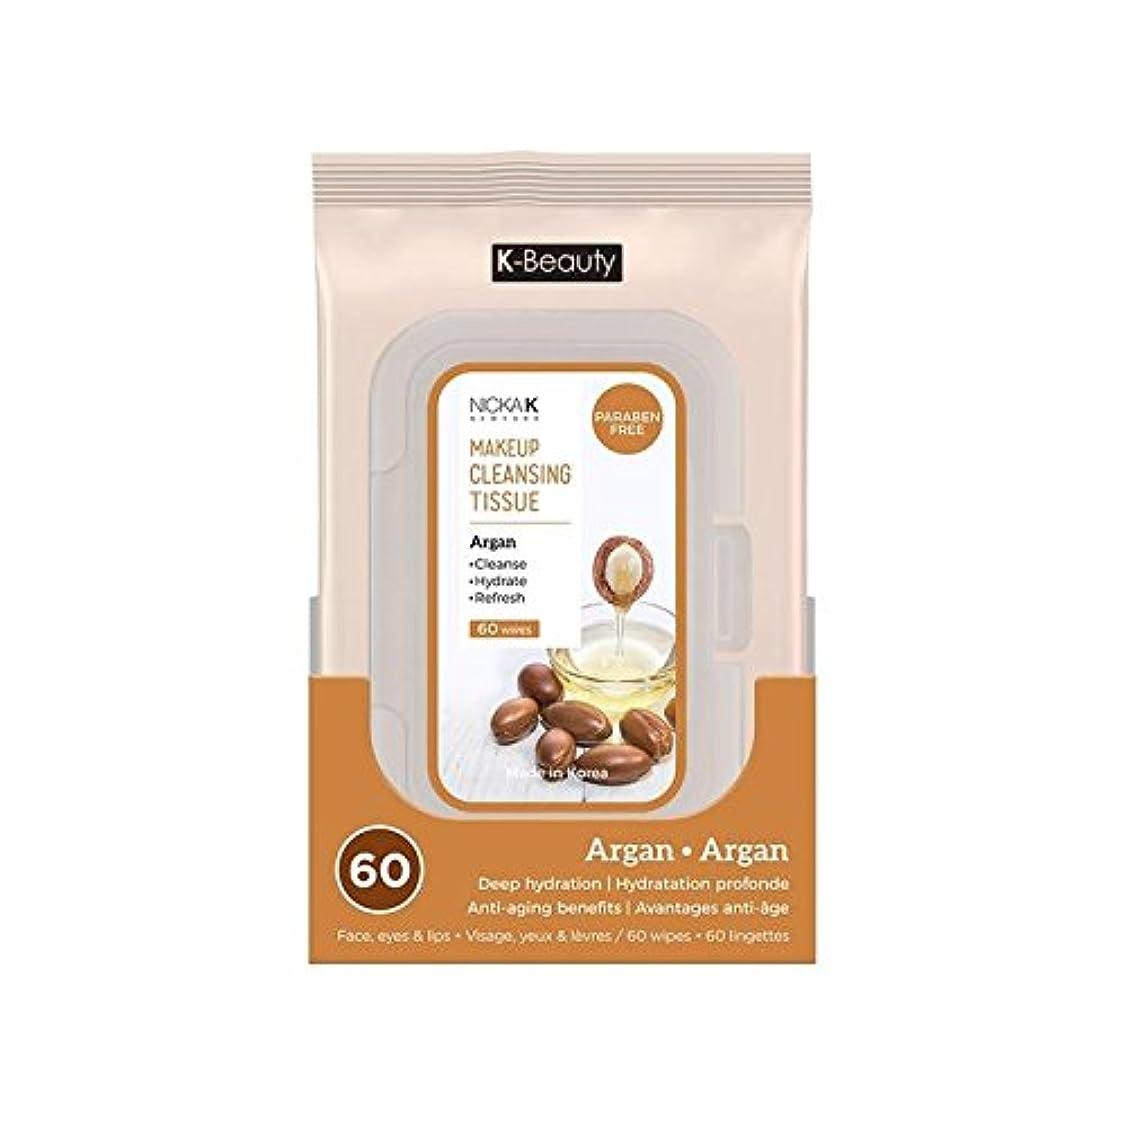 時期尚早ジーンズ威信(3 Pack) NICKA K Make Up Cleansing Tissue - Argan (並行輸入品)